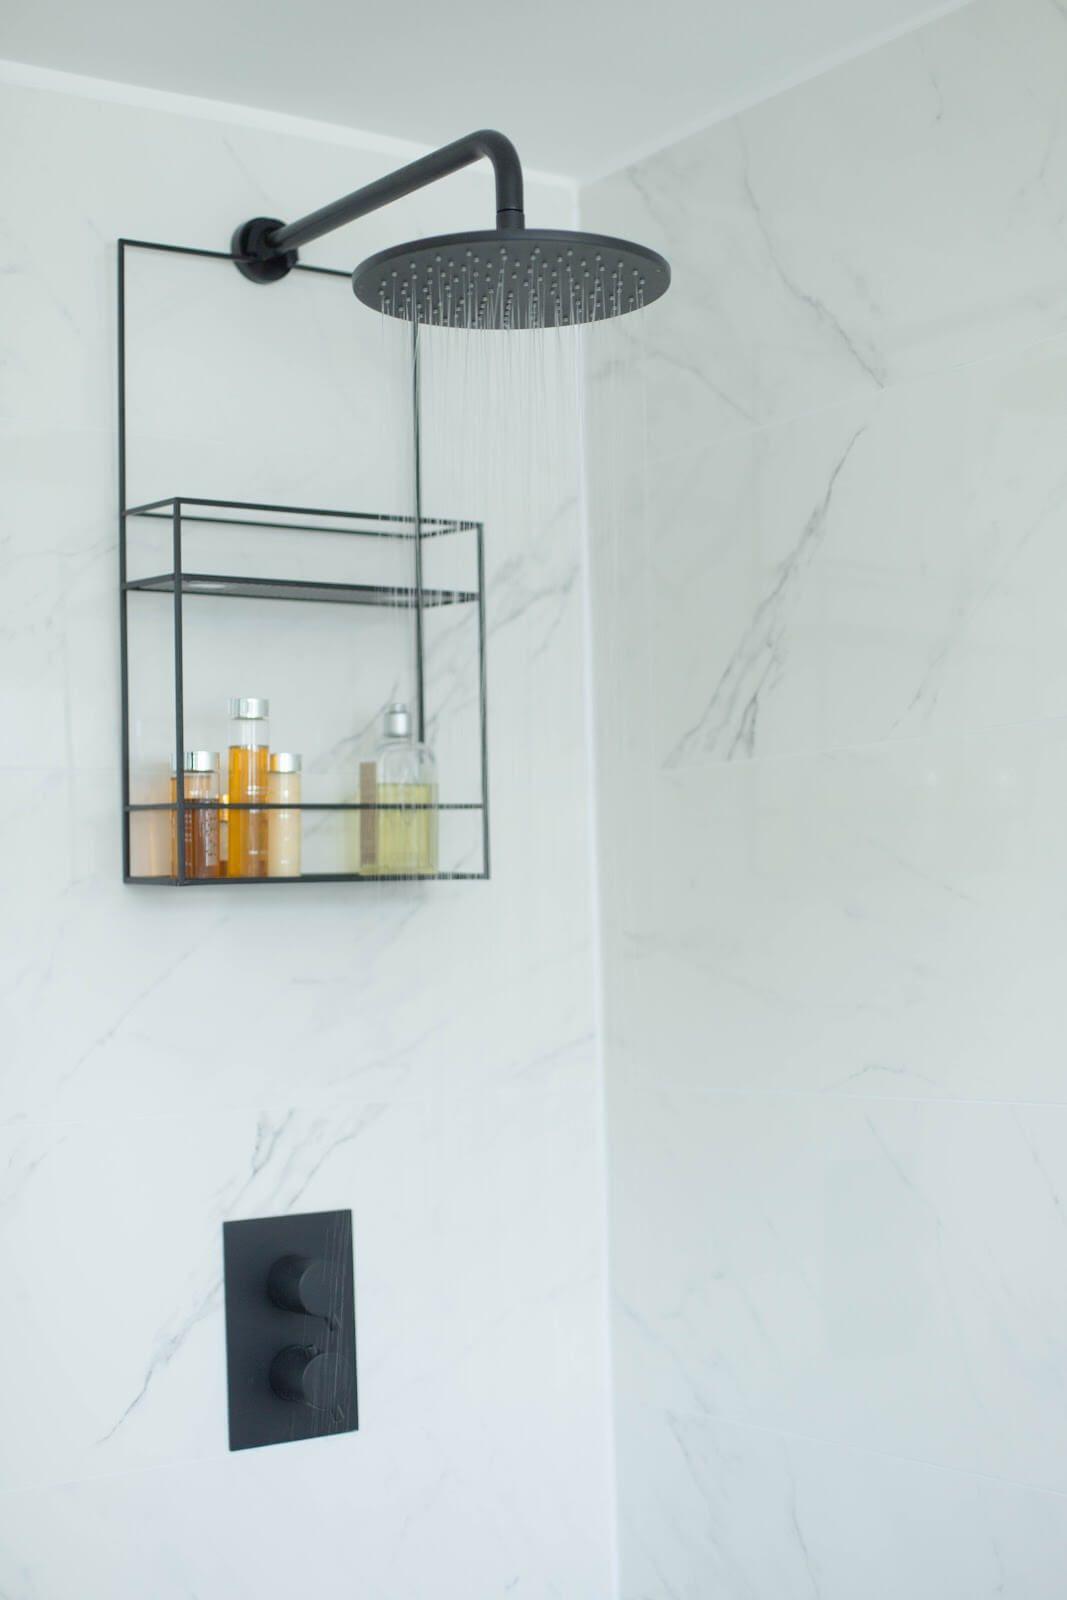 Elegant And Minimalistic Wall Caddy In 2020 Monochrome Bathroom